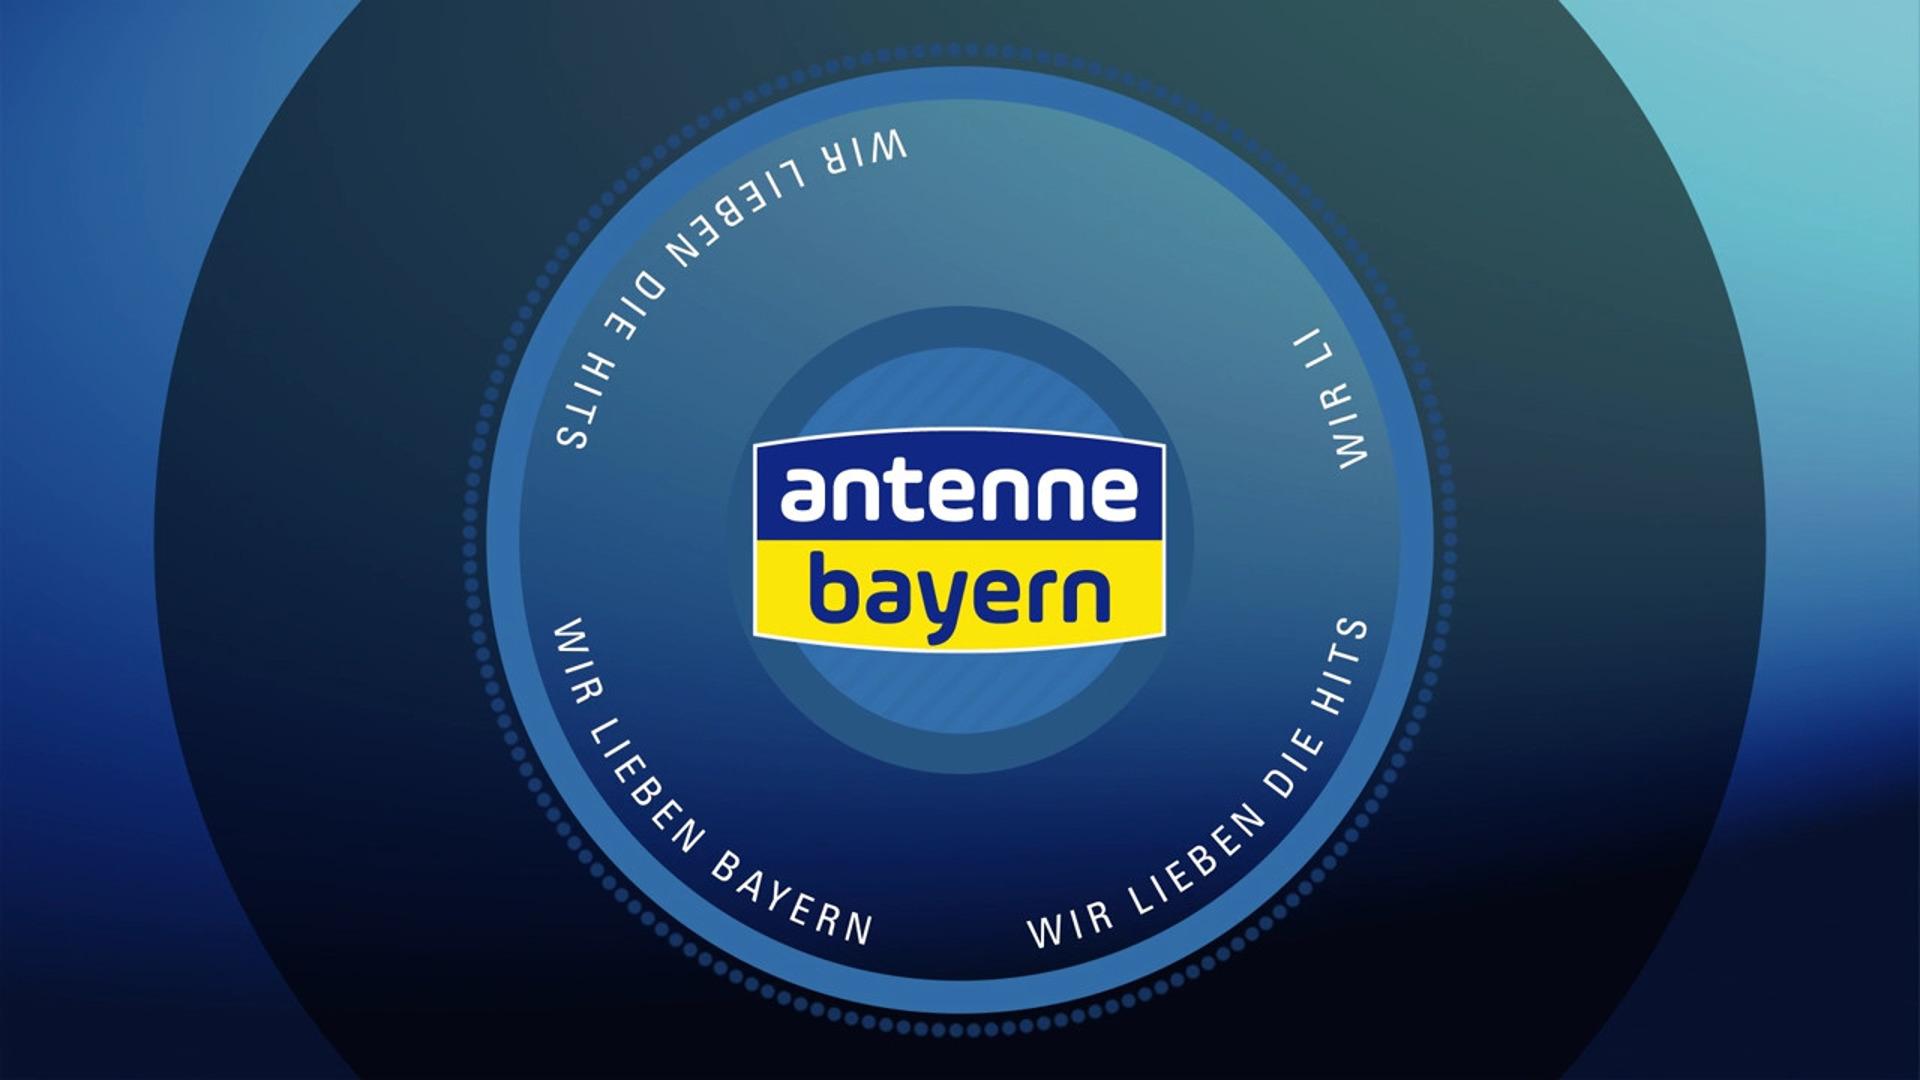 Antenne Spiele